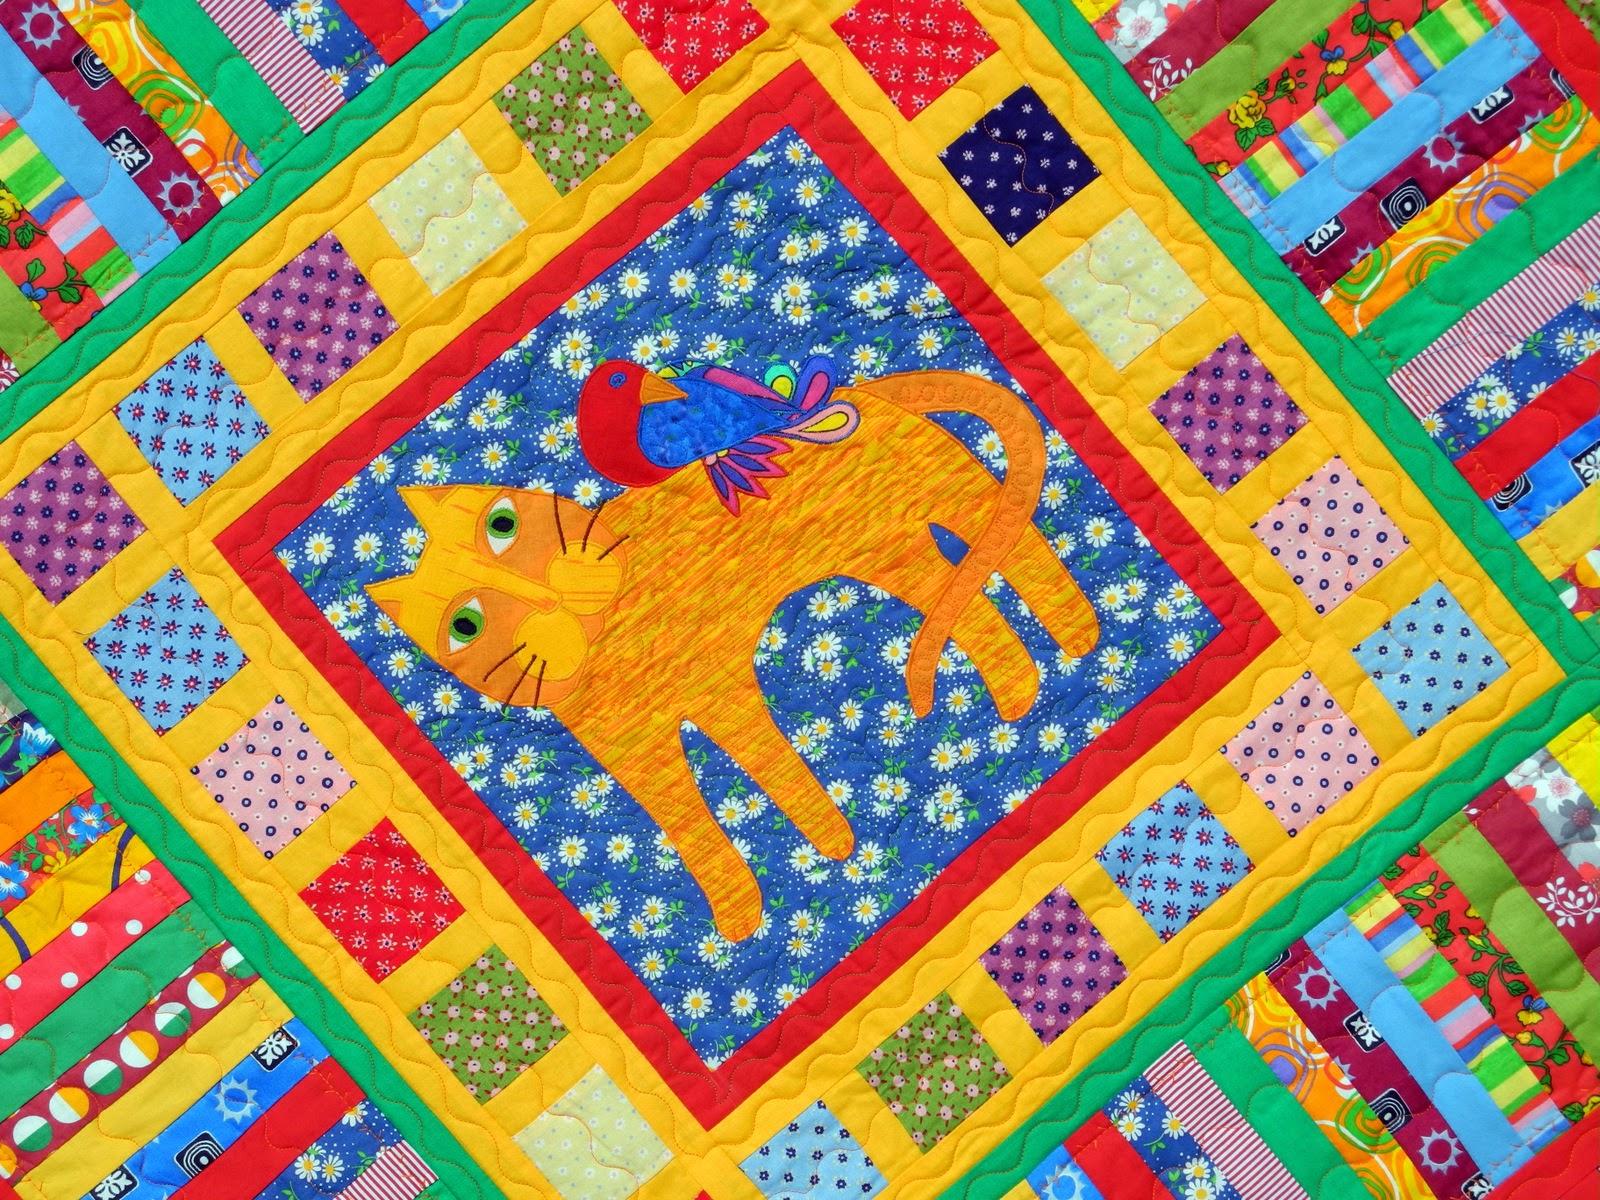 Пэчворк Лоскутное одеяло Лоскутное шитье Пэчворк квилтинг лоскутное шитье Пэчворк покрывало Пэчворк работы Пэчворк одеяло Пэчворк одеяло детское Одеяло лоскутное Одеяло пэчворк Кошки Печворк одеяло Лоскутное одеяло детское Лоскутное детское одеяло Пэчворк одеяло детское Пэчворк покрывало  Лоскутное шитье рыбки Пэчворк плед Нептун Пэчворк покрывало купить Лоскутное шитье Рукоделие